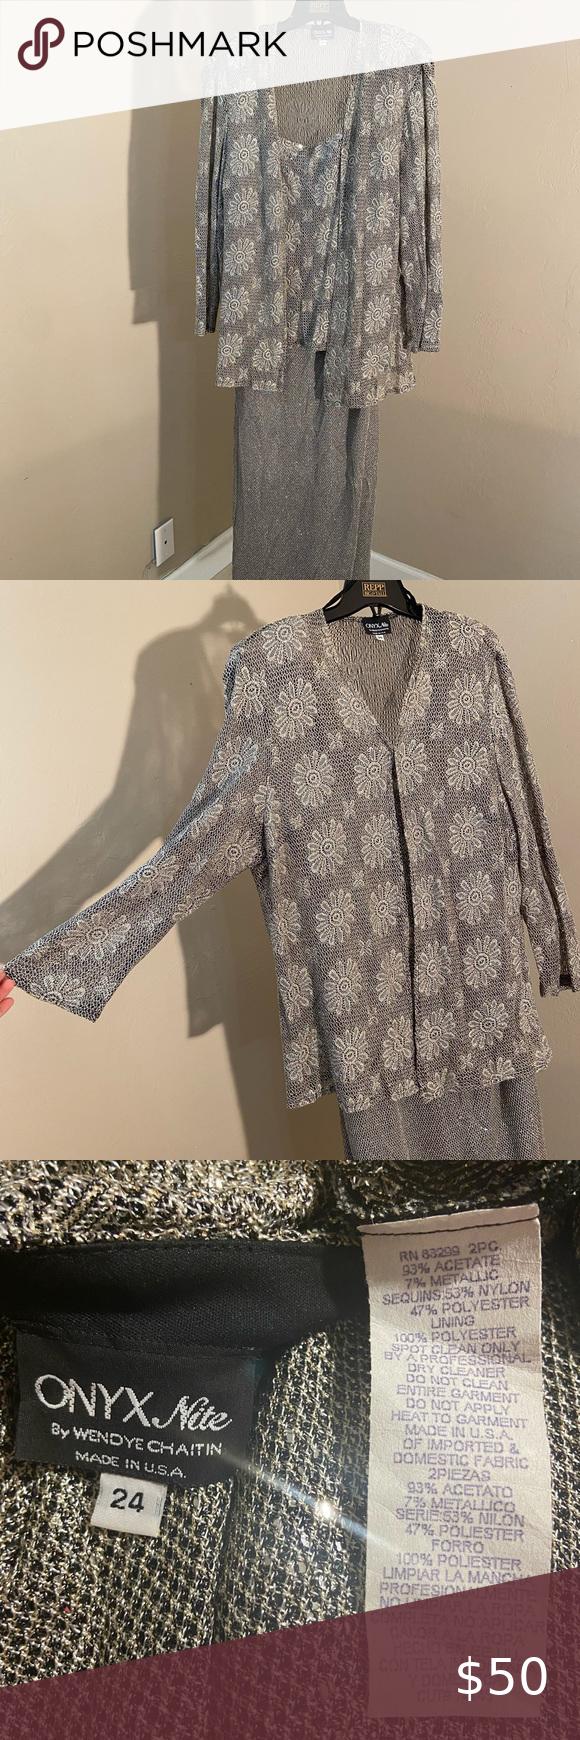 Onyx Nite/Wendye Chaitin/Long Coctail Dress&Jacket Onyx Nite By Wendye Chaitin  ...